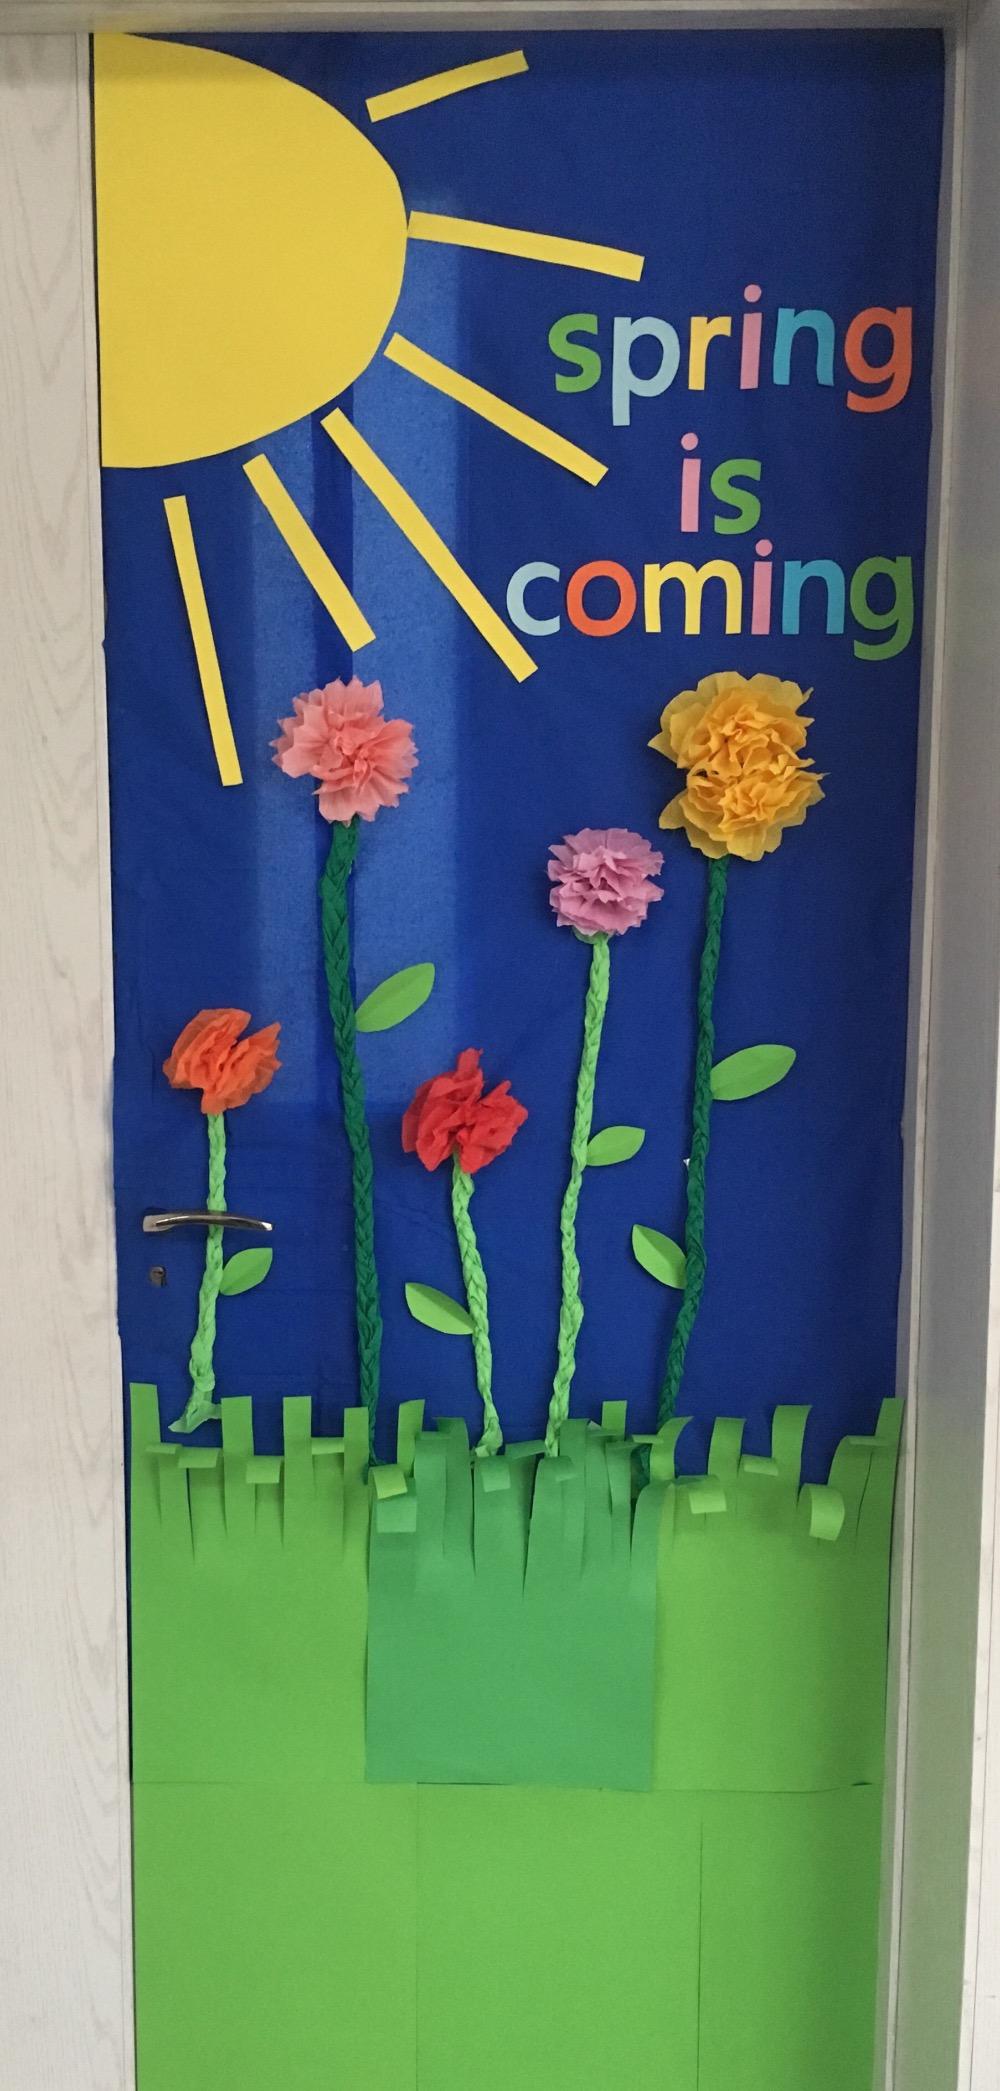 班级门装饰__幼儿园门窗环境创设_幼儿园环境创设——